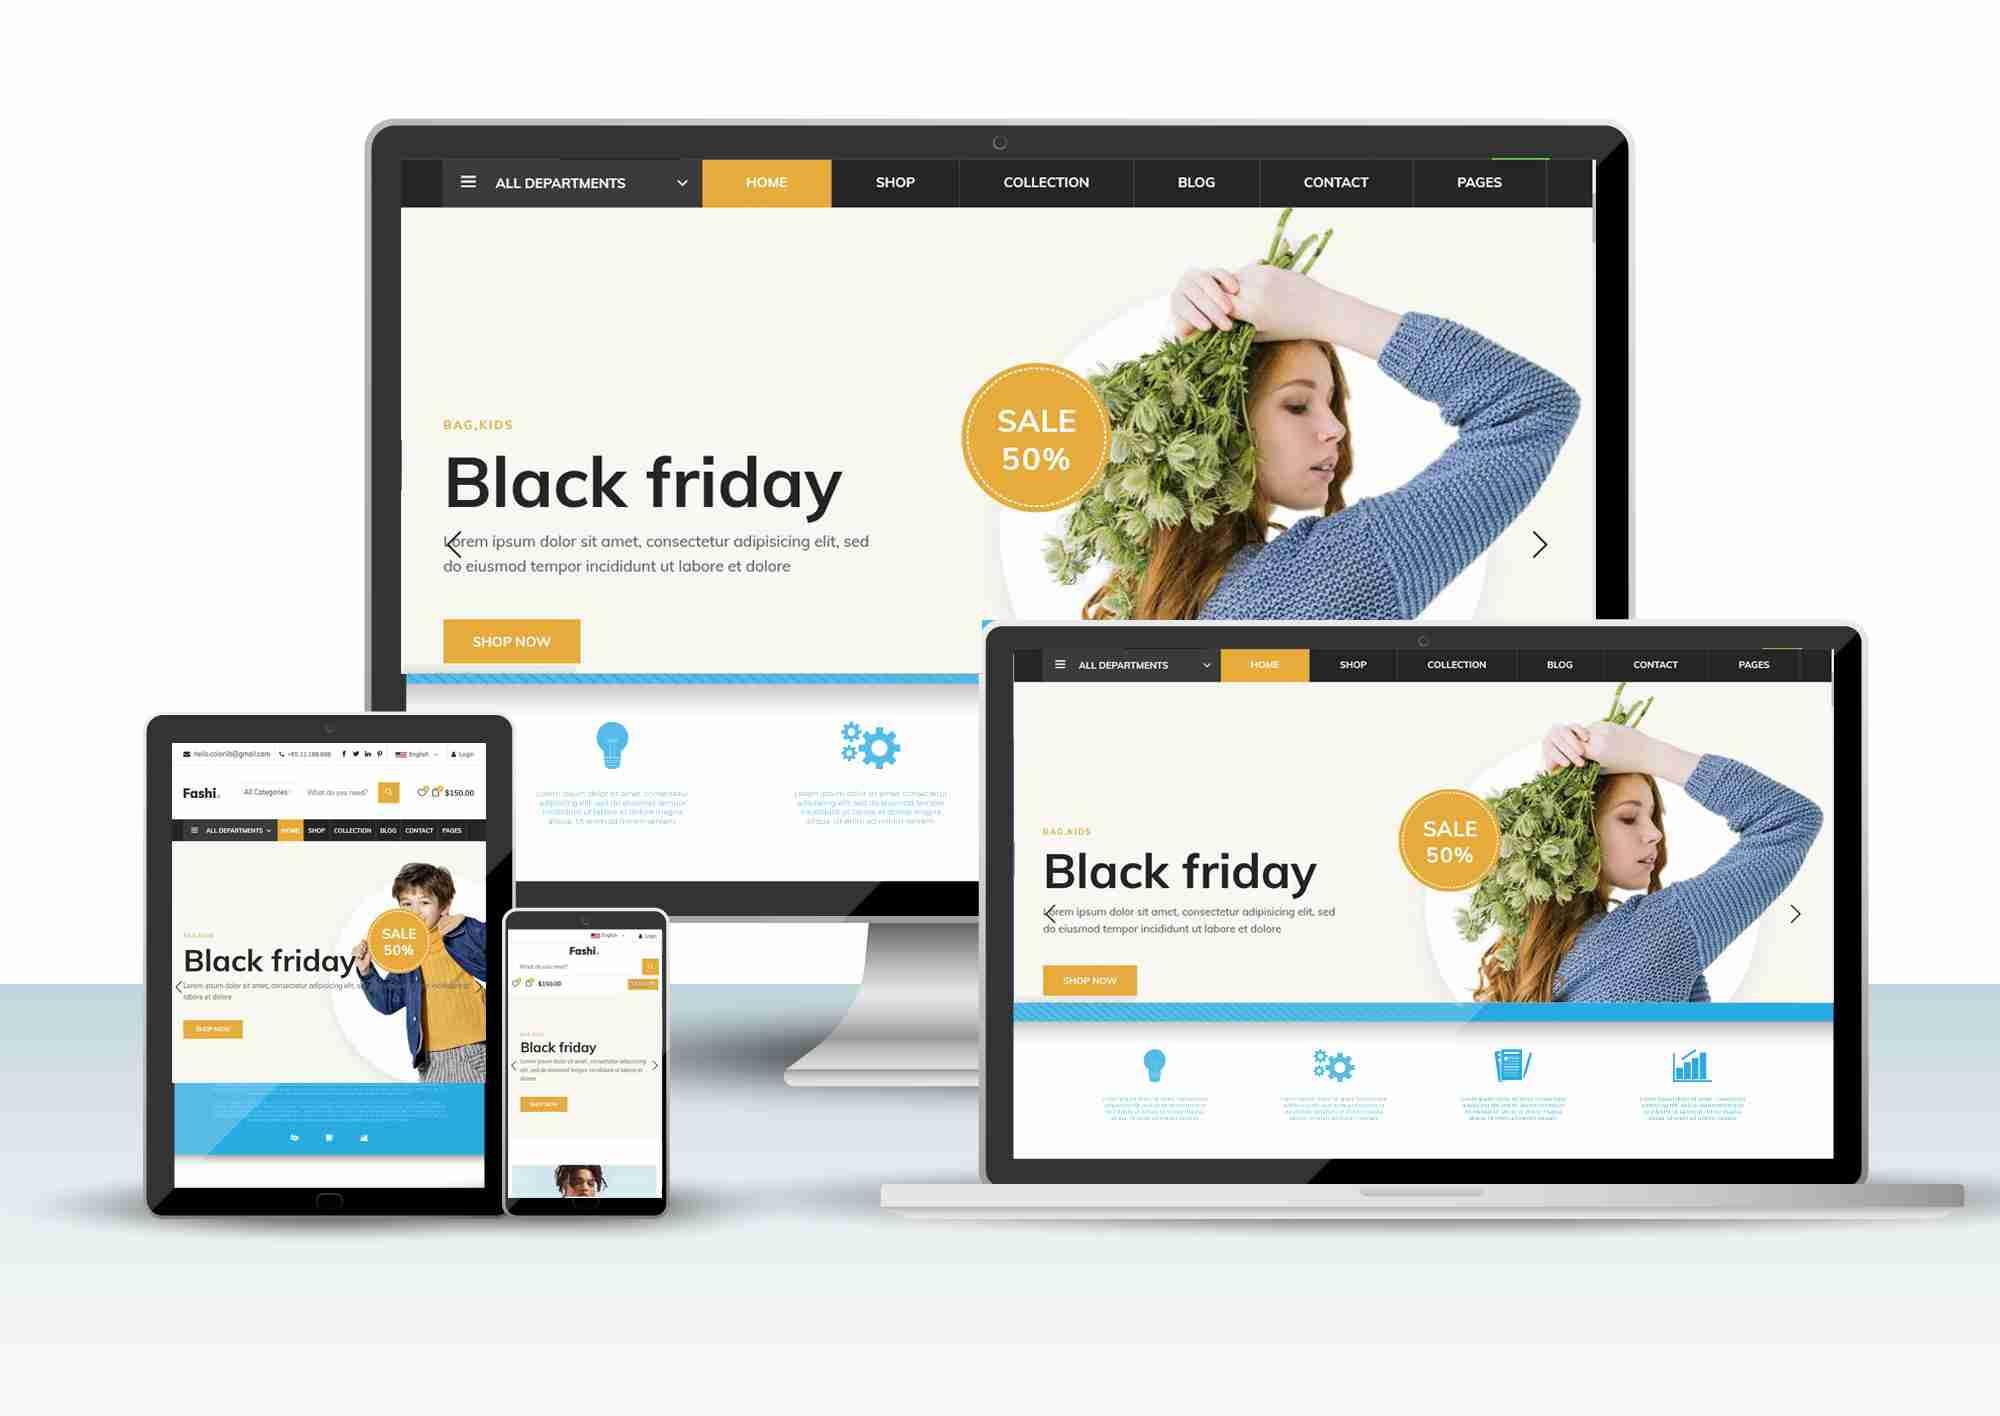 FREE FULL E-COMMERCE RESPONSIVE WEBSITE